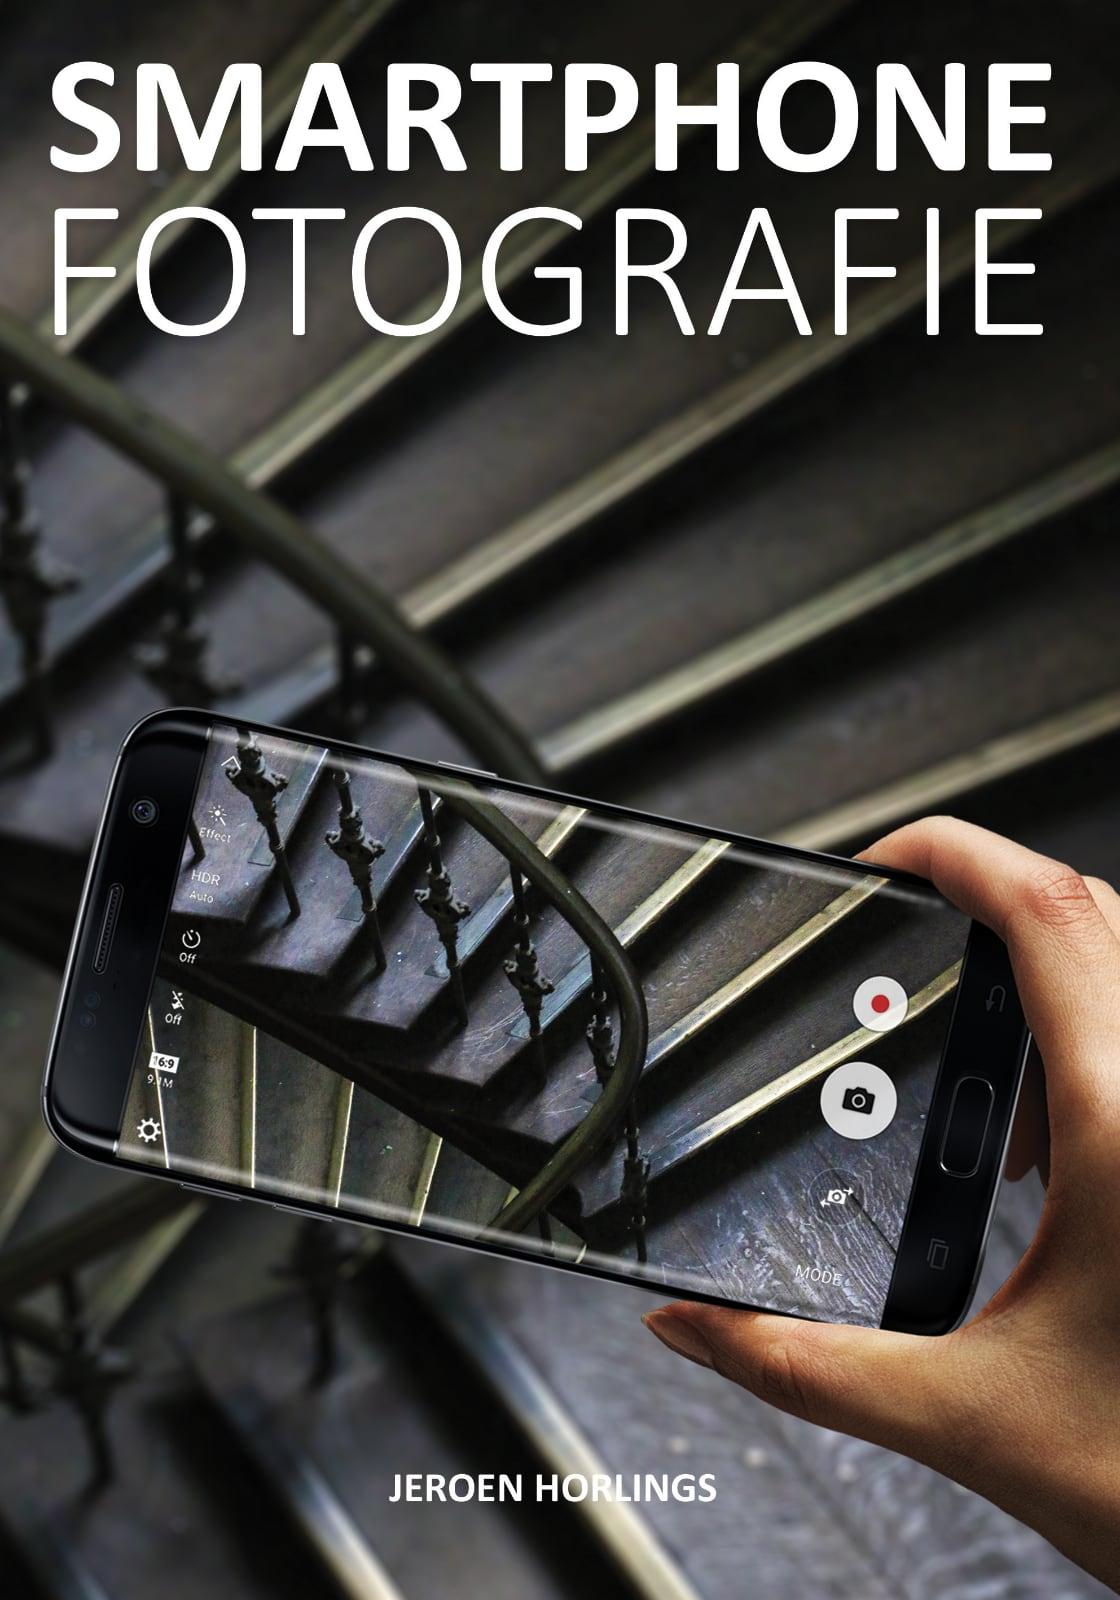 Smartphone fotografie, praktische tips voor betere foto's en video's - Jeroen Horlings isbn 9789492404077